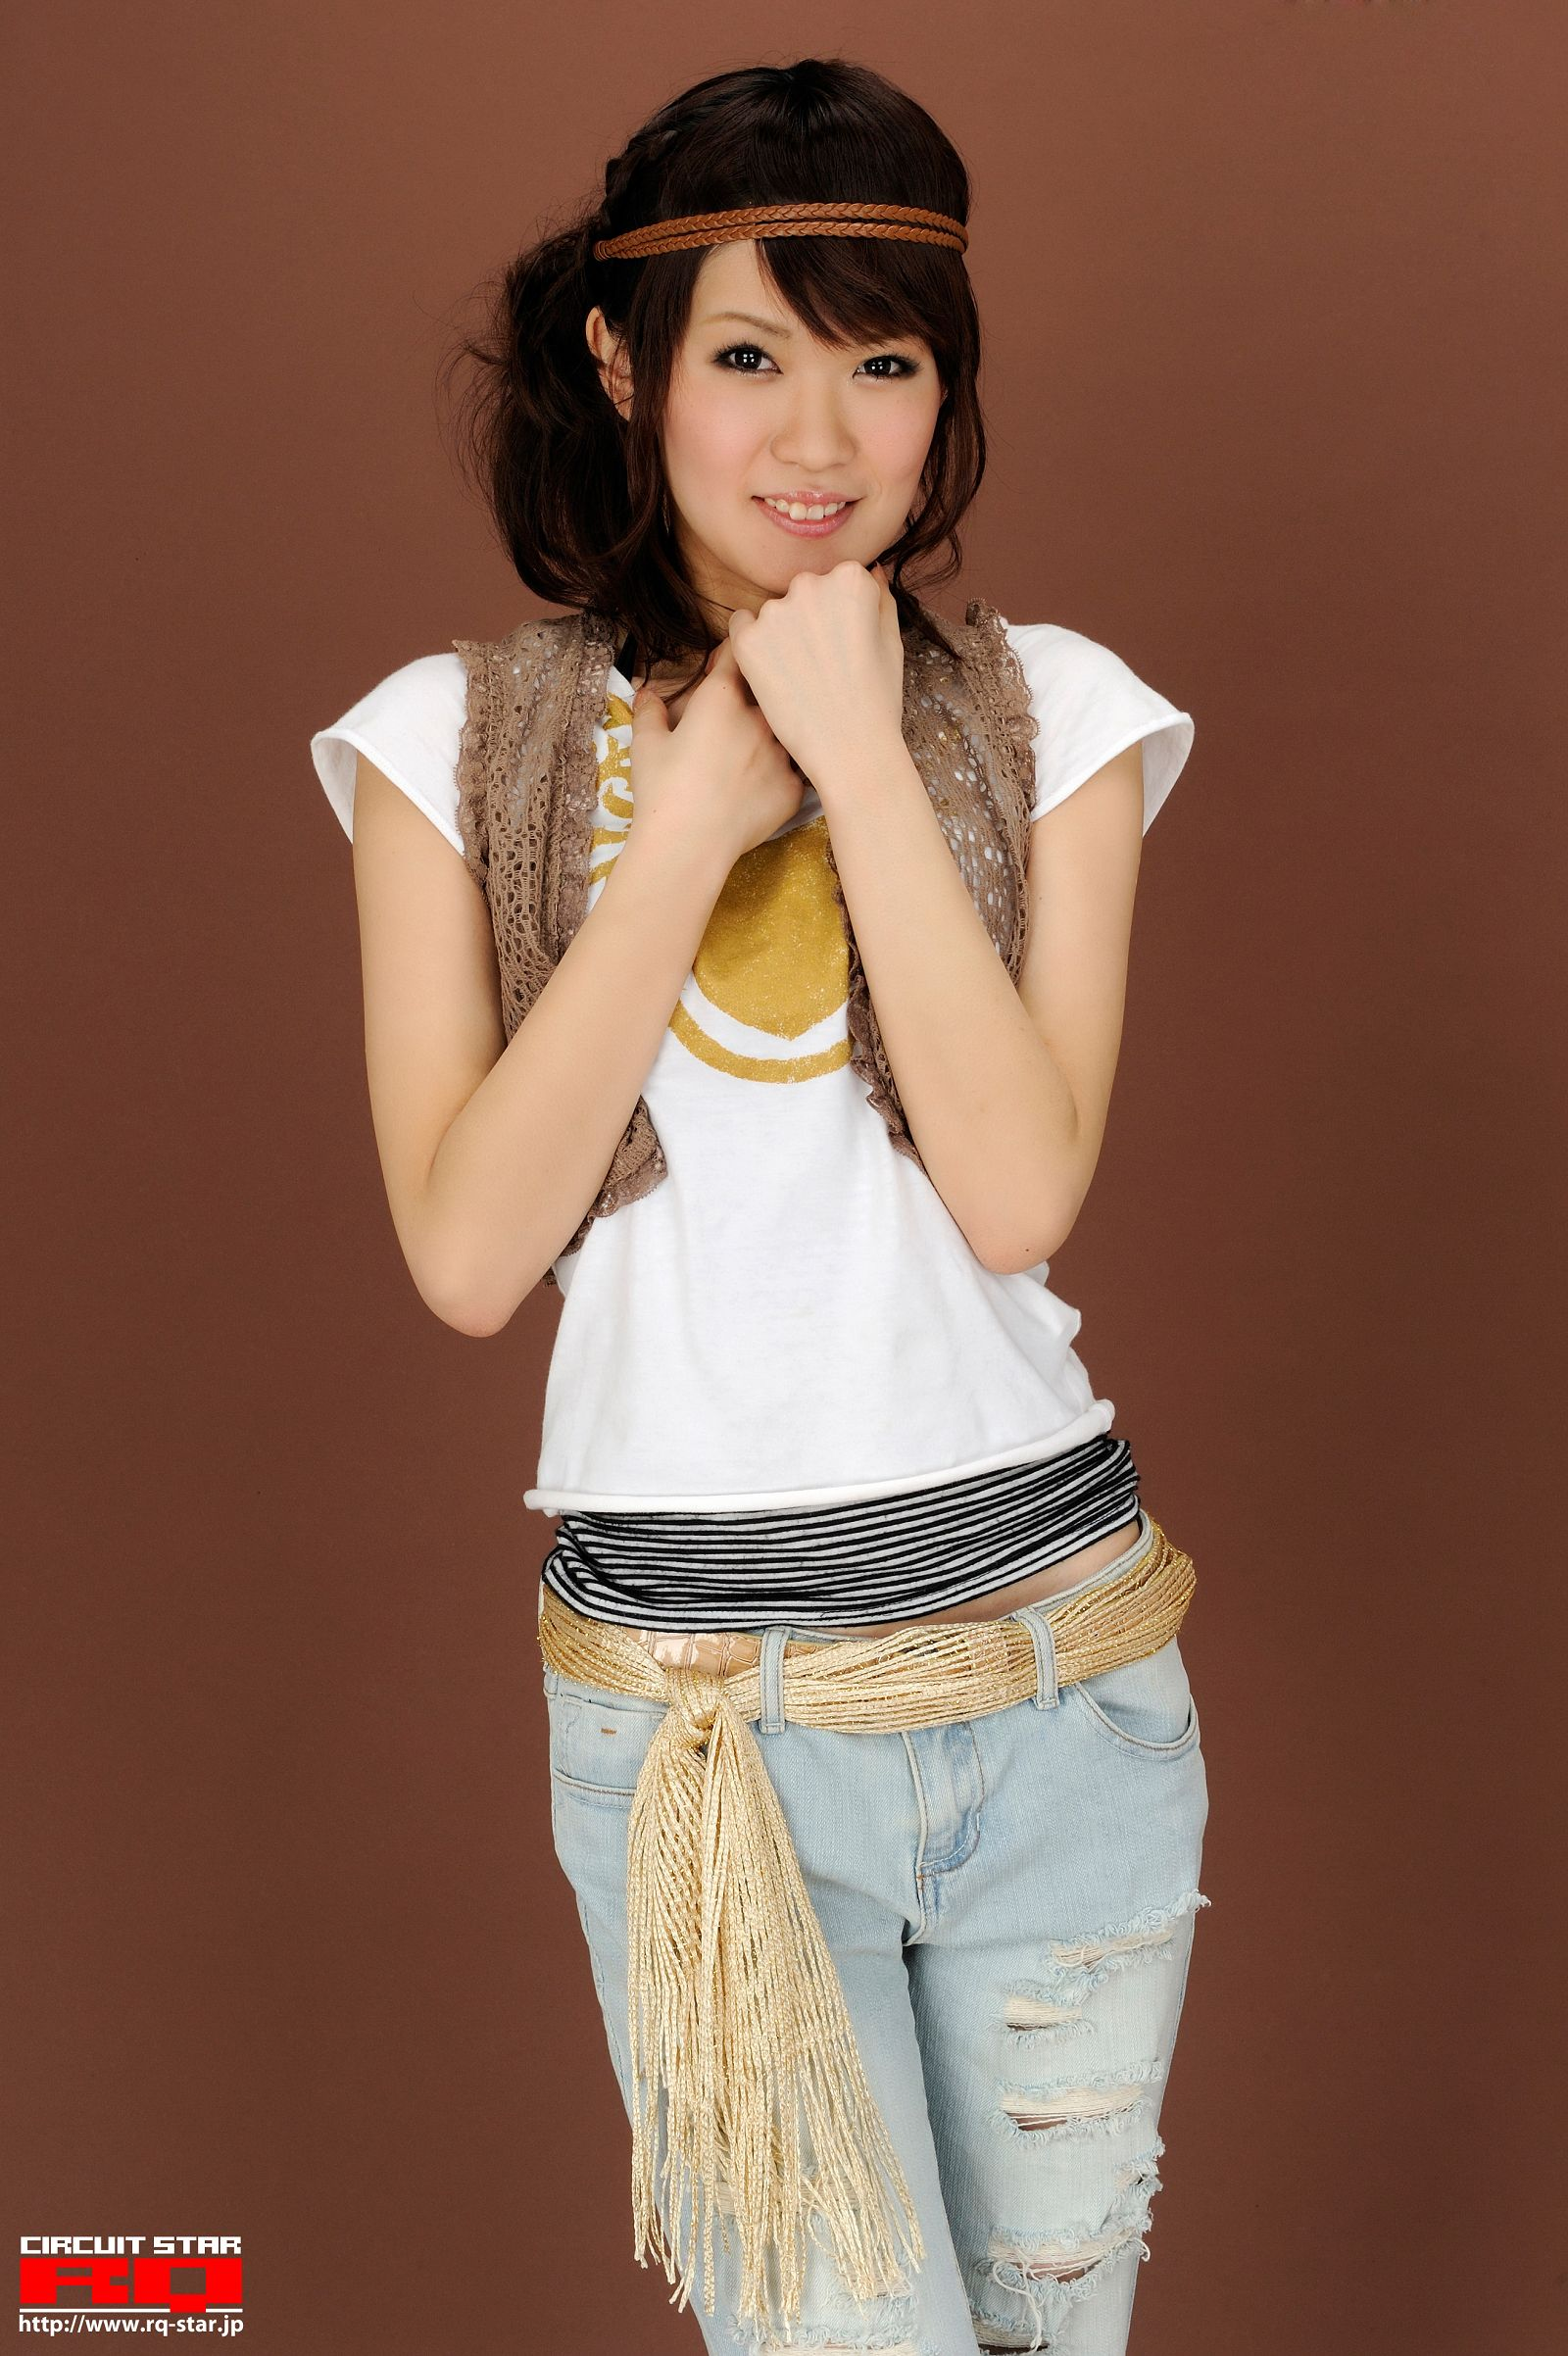 [RQ STAR美女] NO.0268 Megumi Fukuoka 福岡愛 Private Dress[54P] RQ STAR 第2张